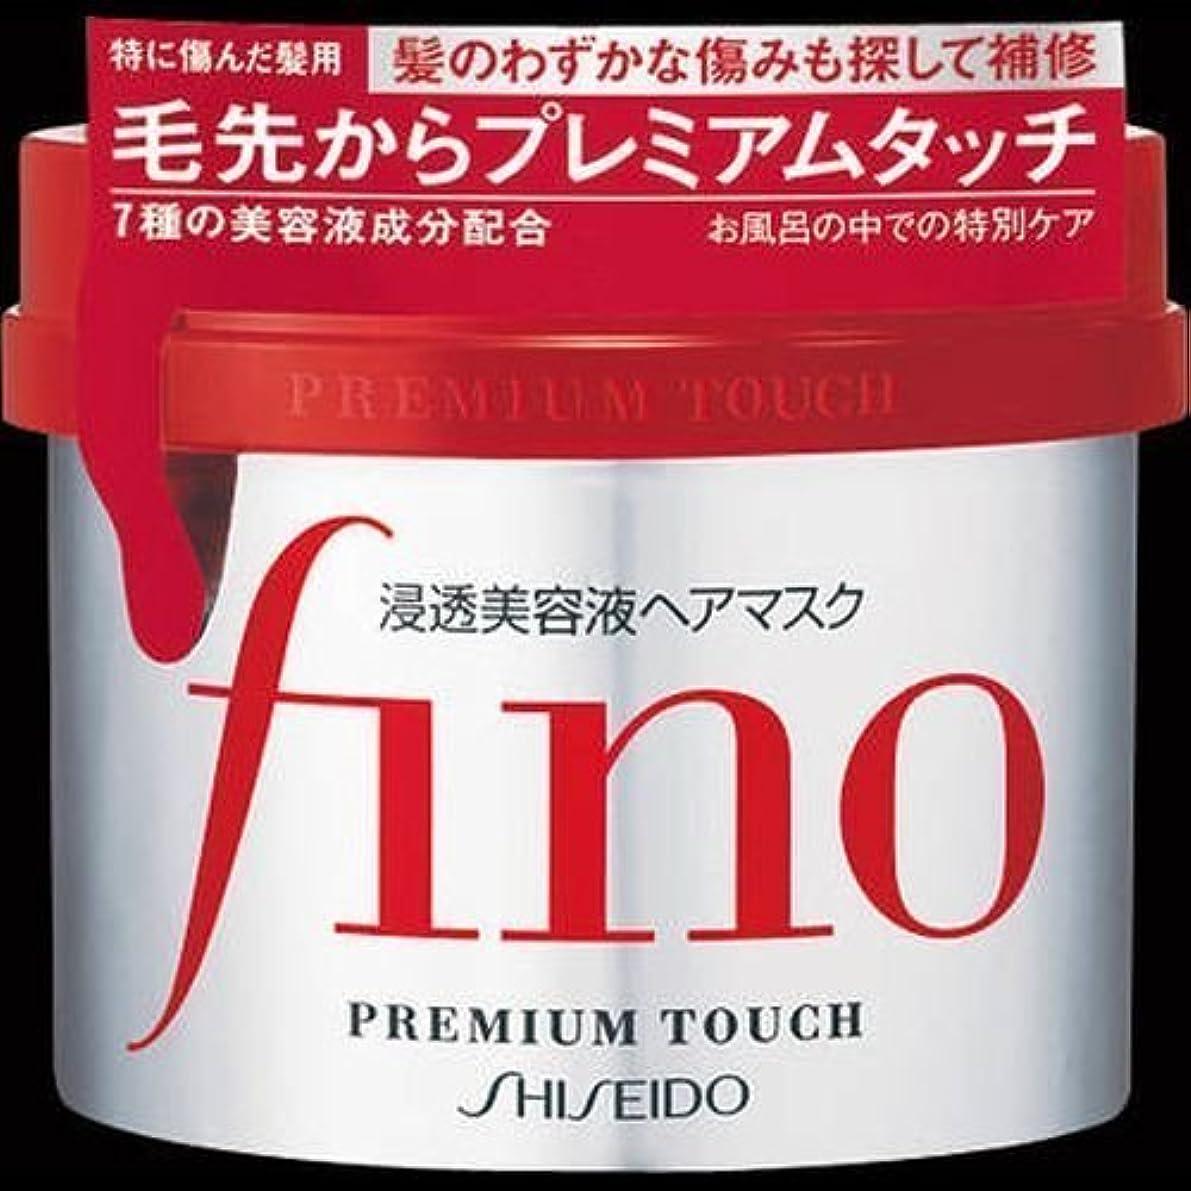 葉っぱカップル線形【まとめ買い】フィーノ プレミアムタッチ 浸透美容液 ヘアマスク 230g ×2セット